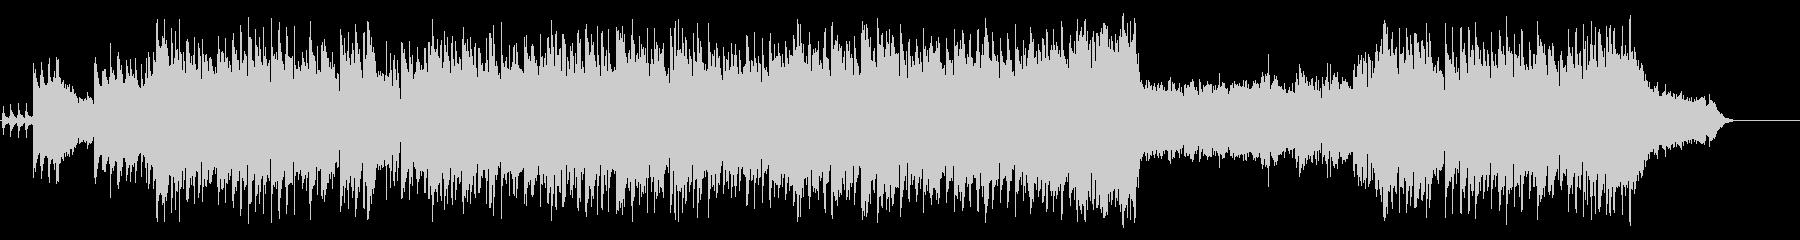 オリジナルクリスマスミュージック1995の未再生の波形